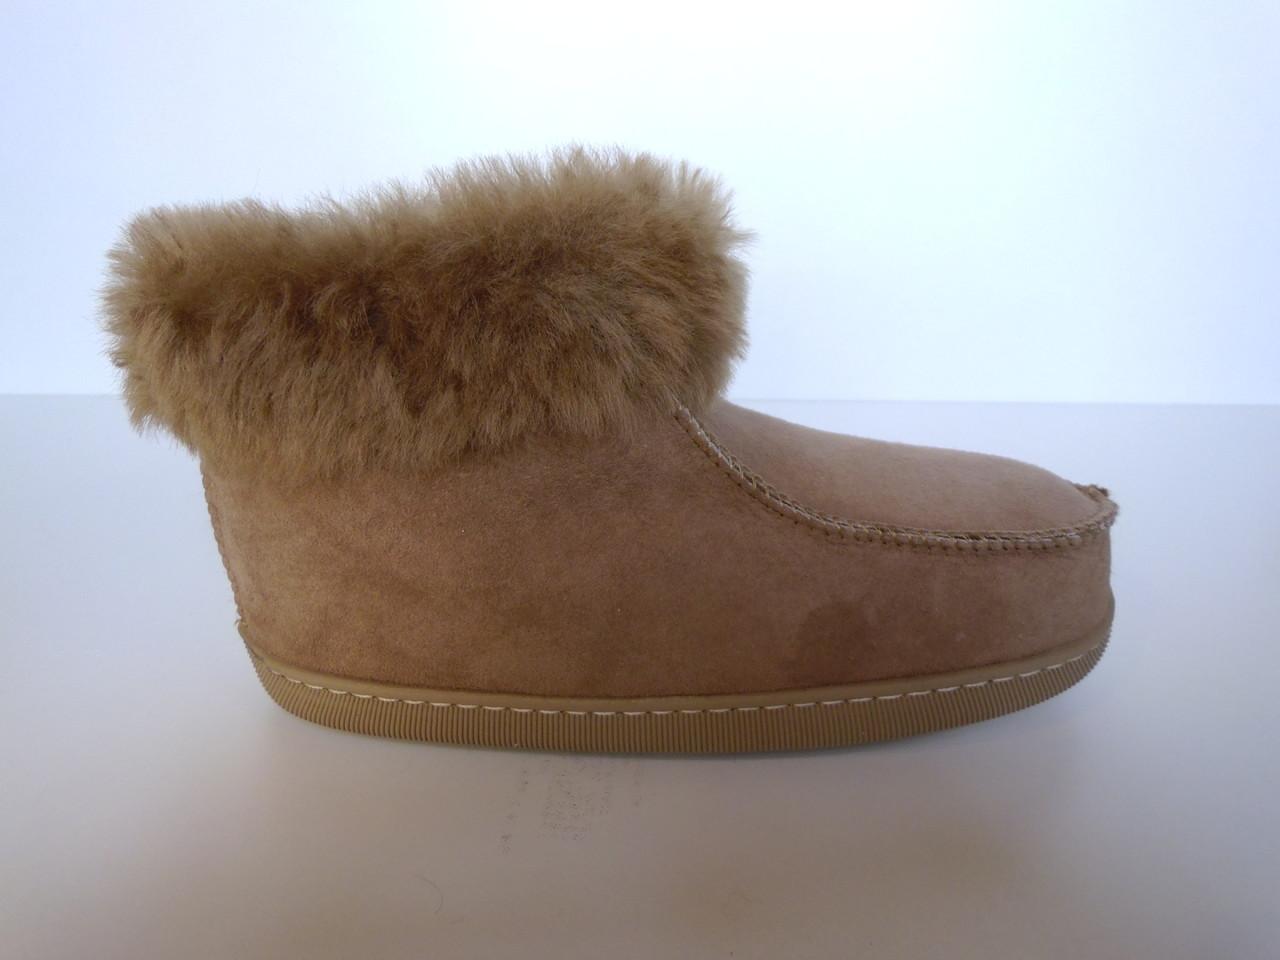 couleurs harmonieuses qualité fiable correspondant en couleur Chaussons en peau de mouton ou fourrés à la laine de mouton modèle femme